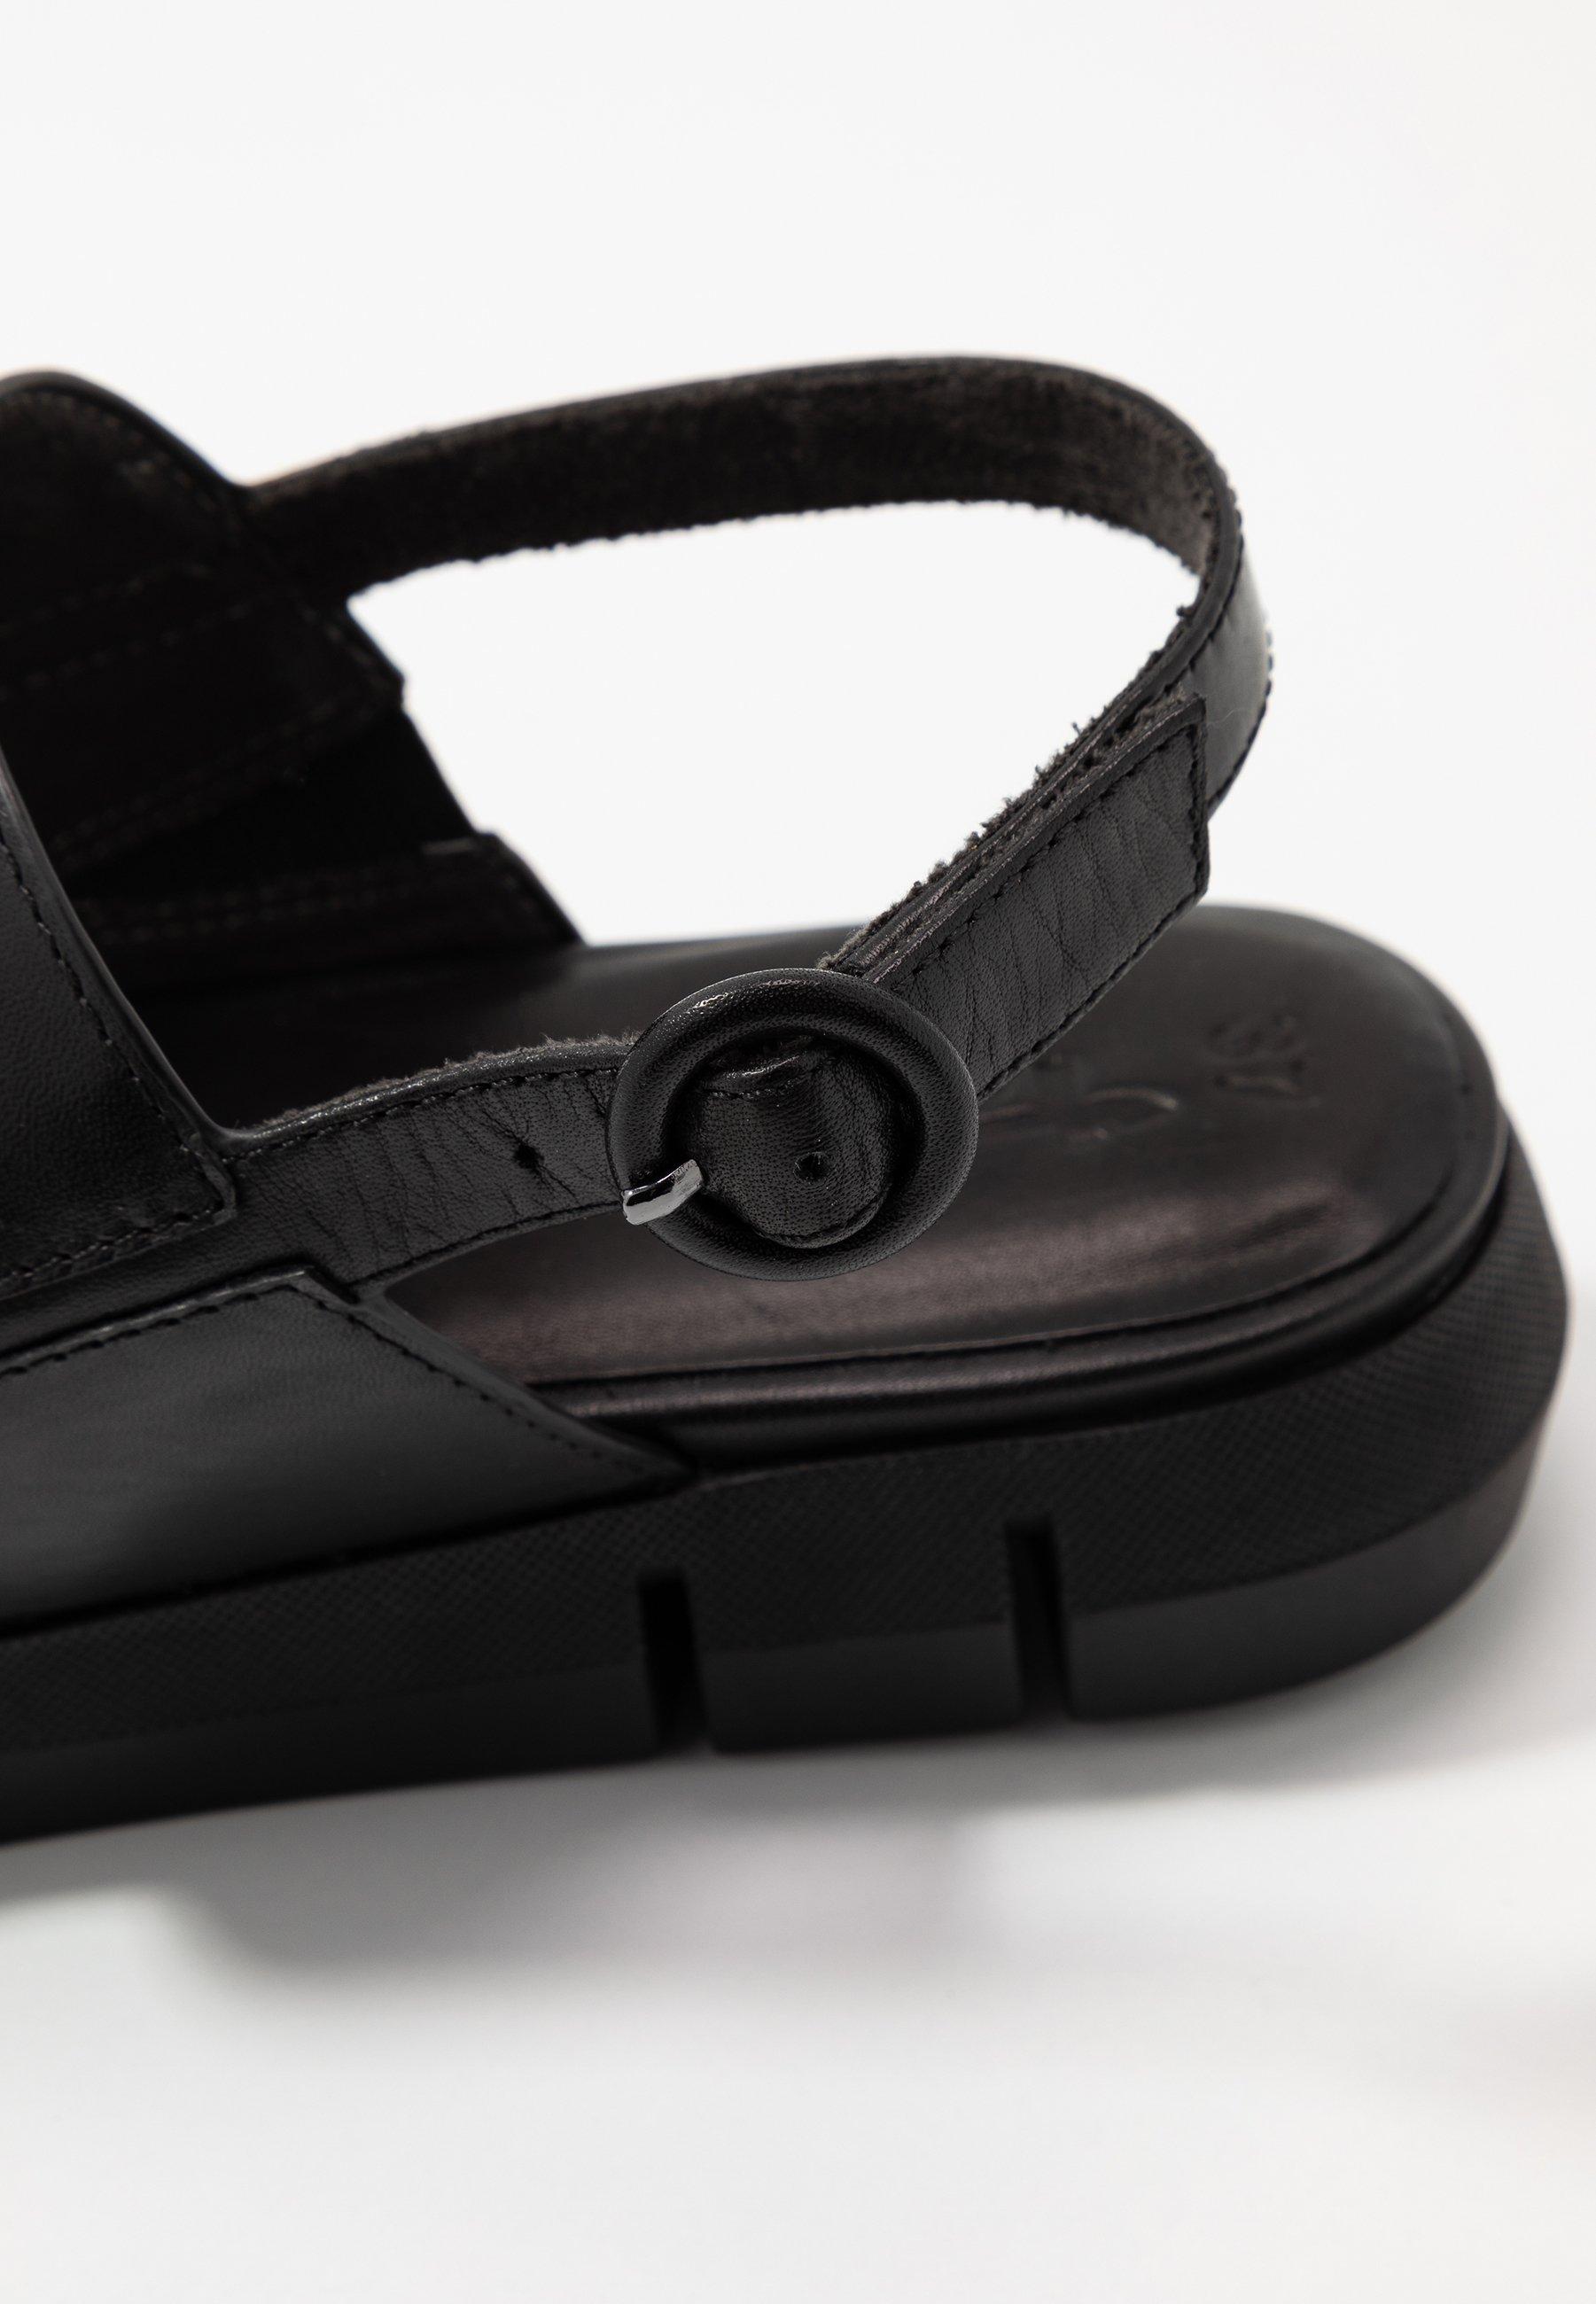 Tamaris Woms Sandals - Trekkingsandaler Black